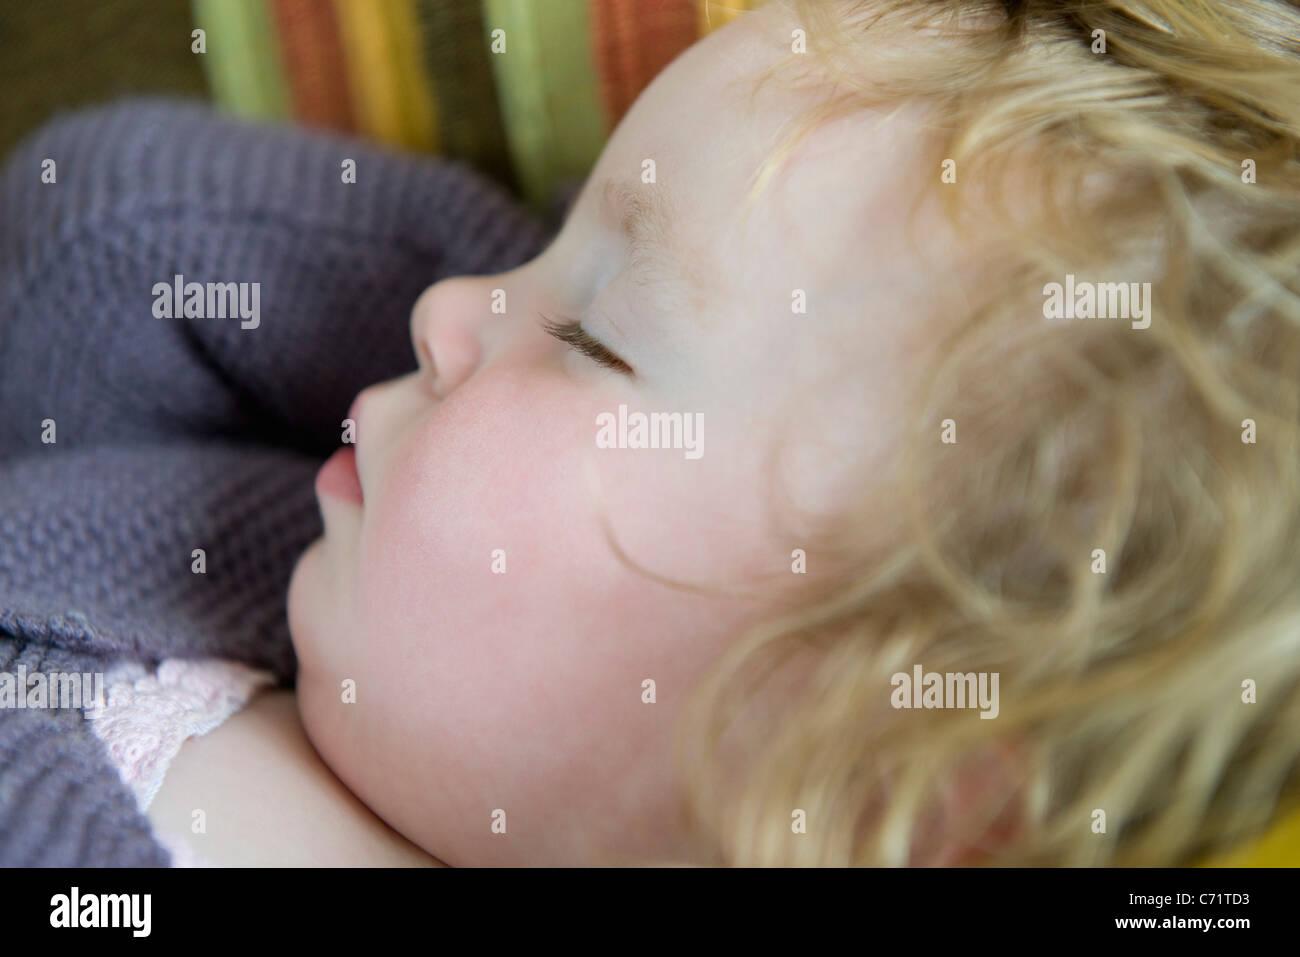 Baby girl sleeping, portrait - Stock Image